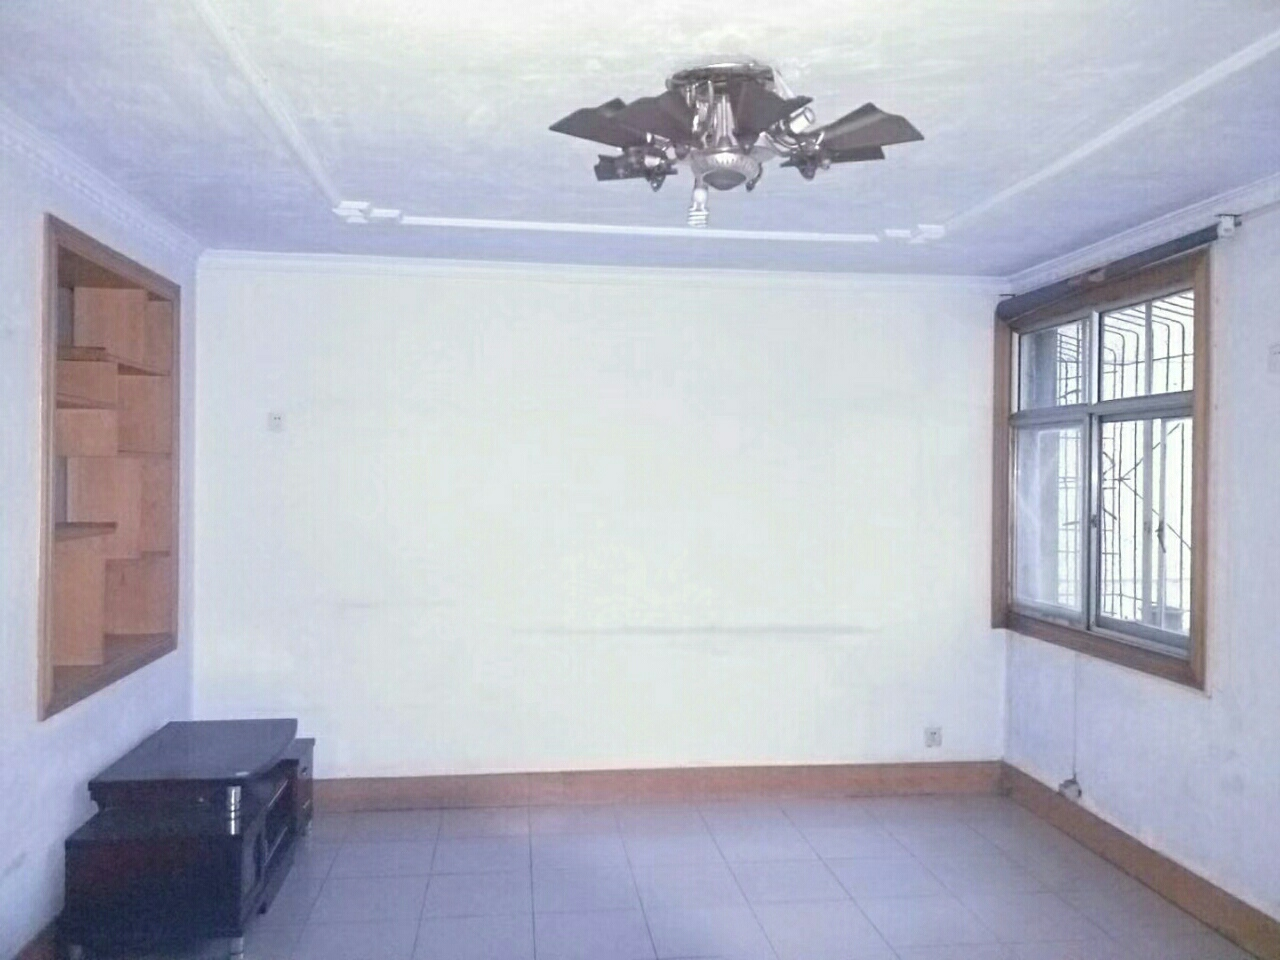 唐訾路 新六中 訾家瀼莊小區 低層三室 鳳凰小區